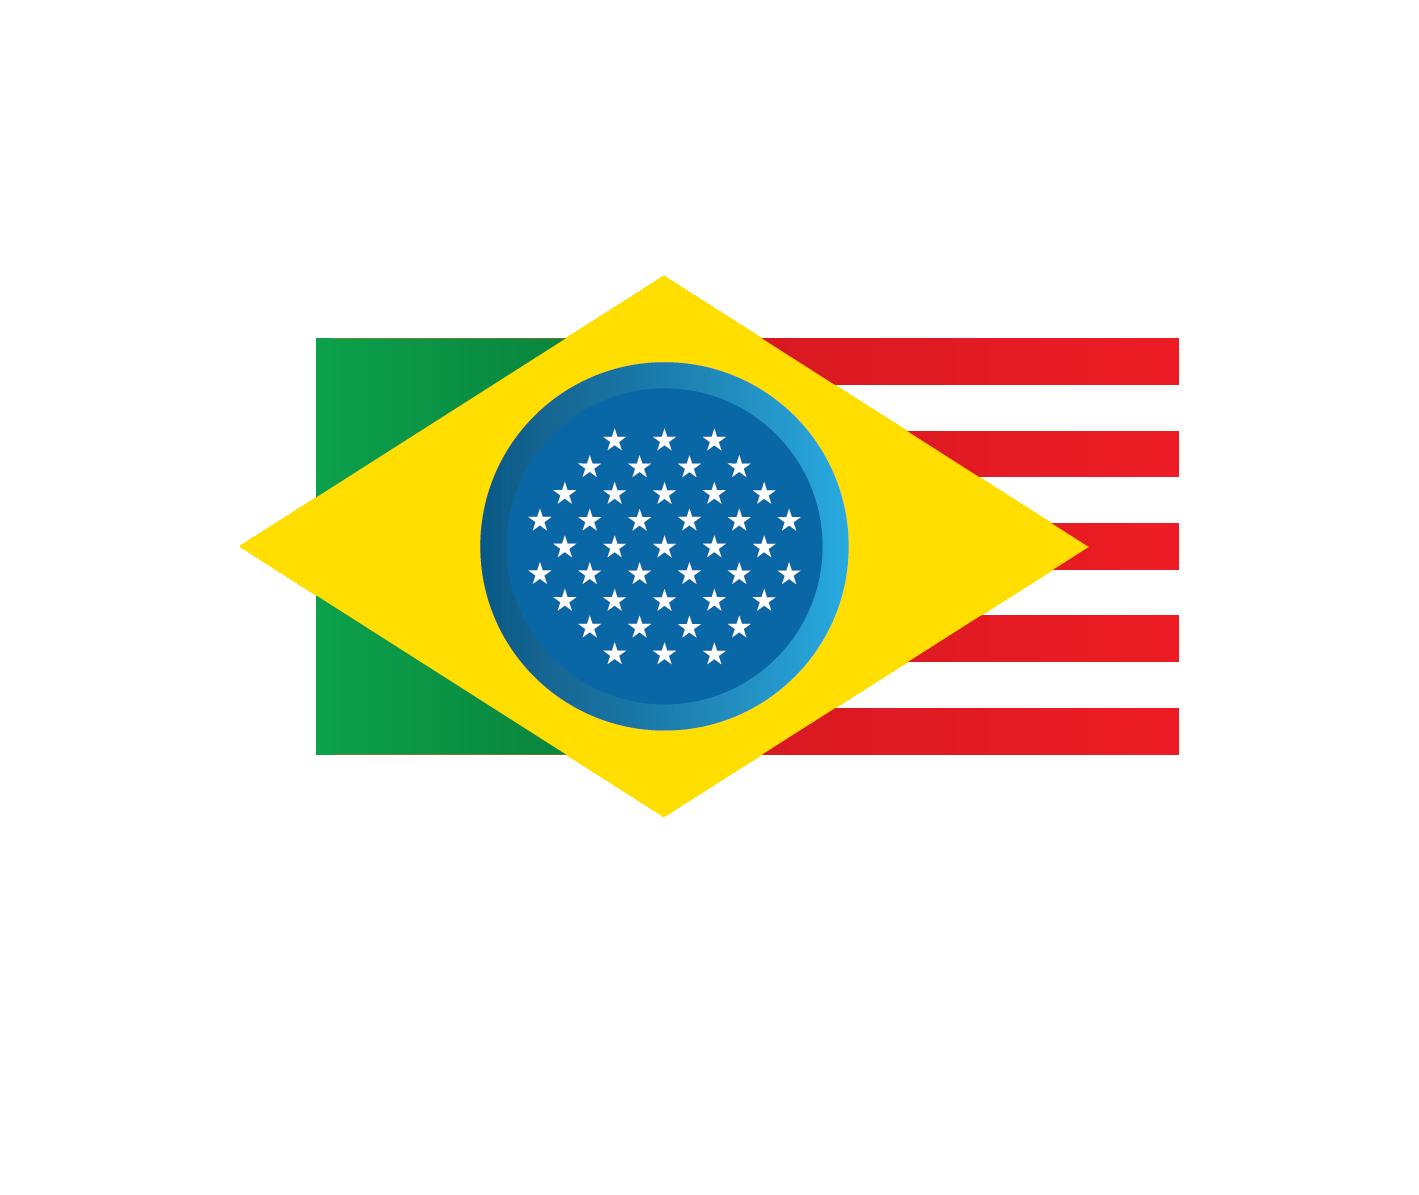 Brasil-USA.com